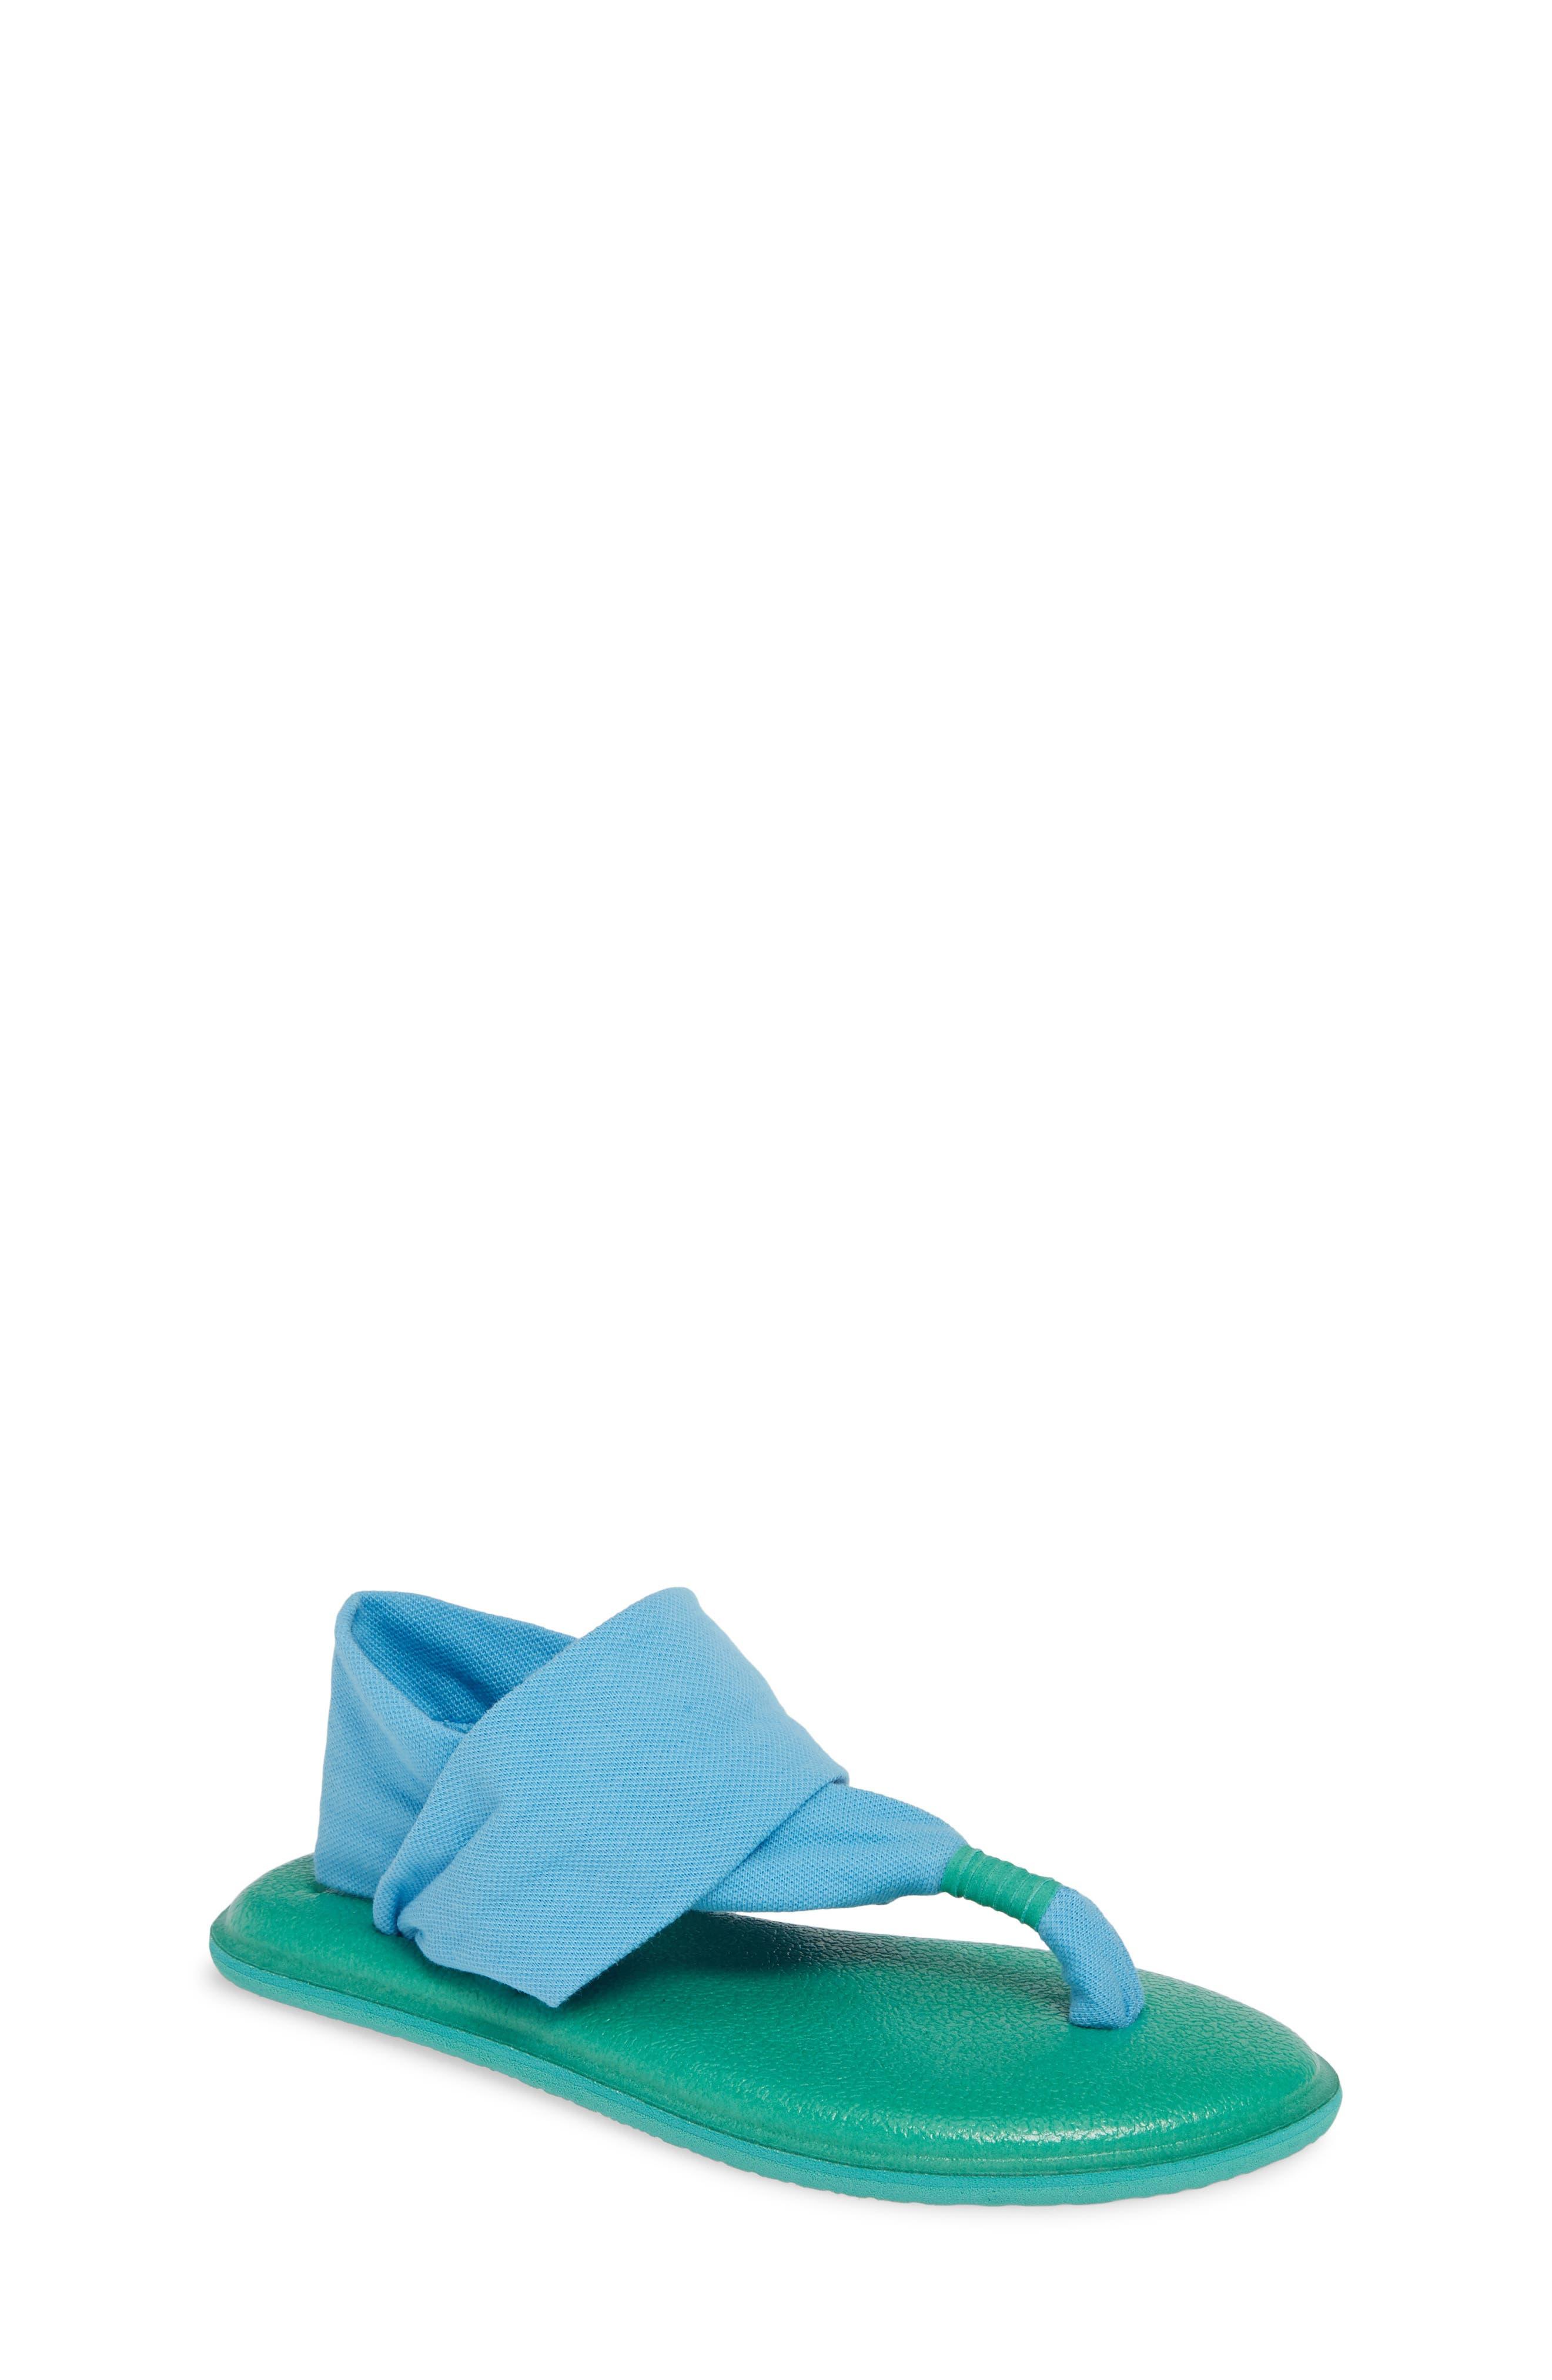 SANUK Lil Yoga Sling 2 Sandal, Main, color, ALASKA BLUE